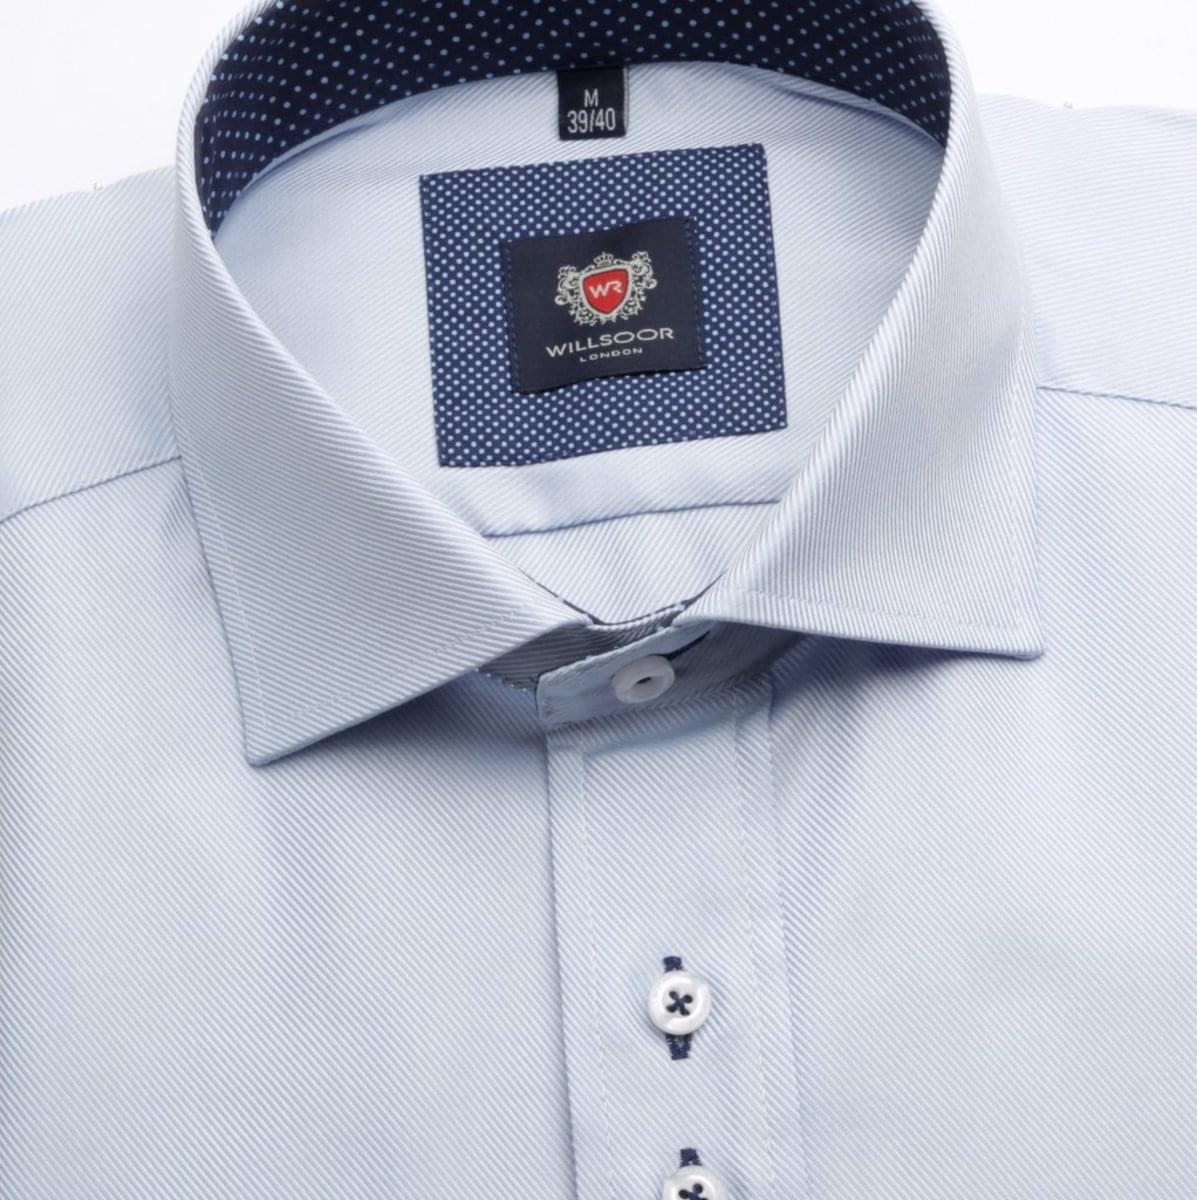 Košile WR London (výška 176-182) 4365 176-182 / XL (43/44)